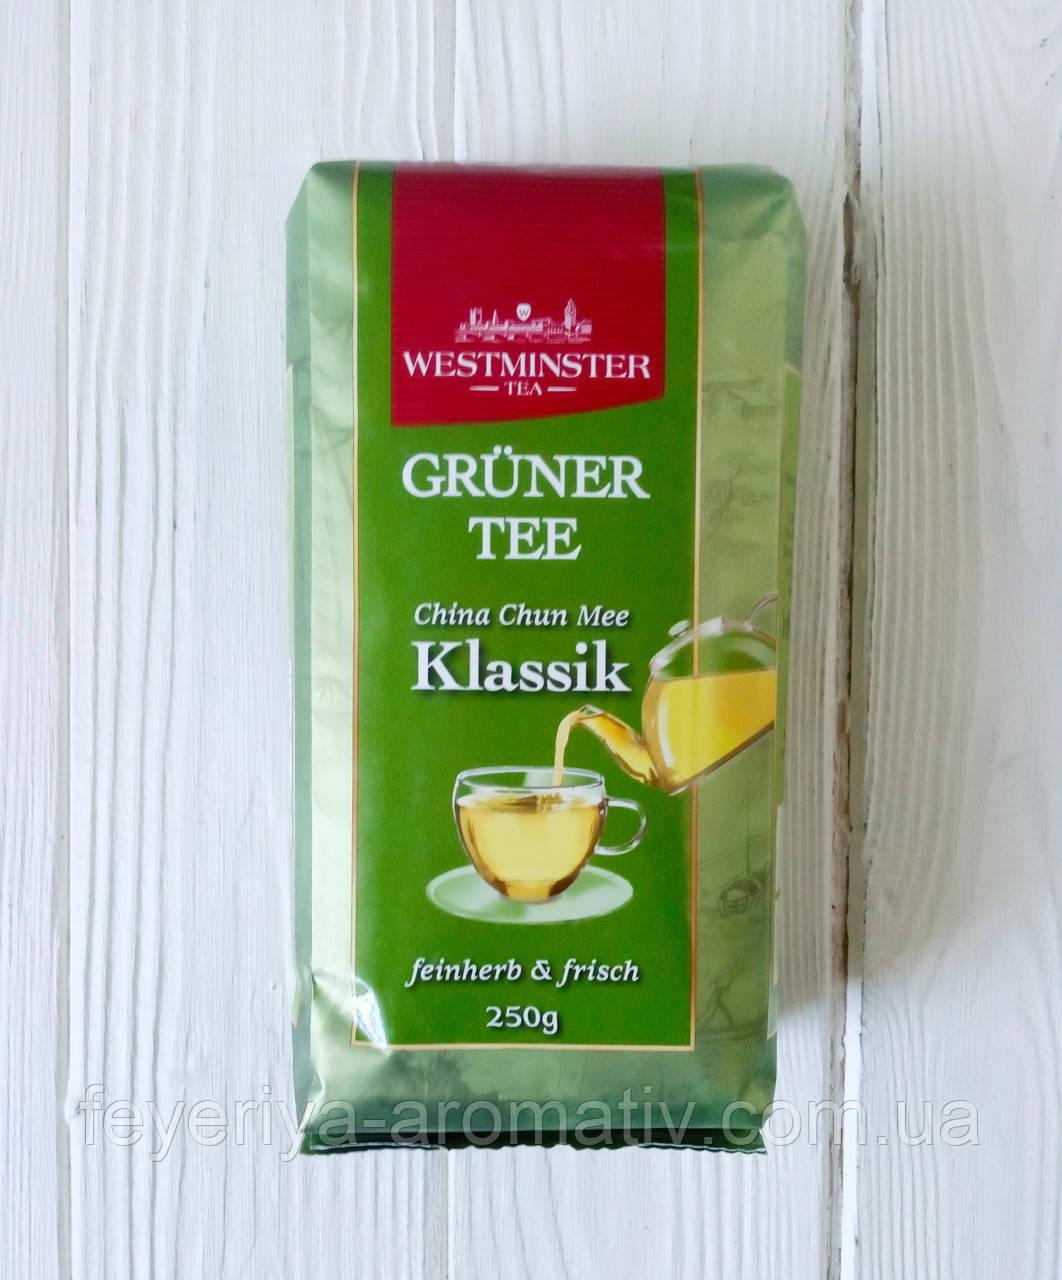 Чай Westminster Gruner Tee зелёный листовой 250гр. (Германия)